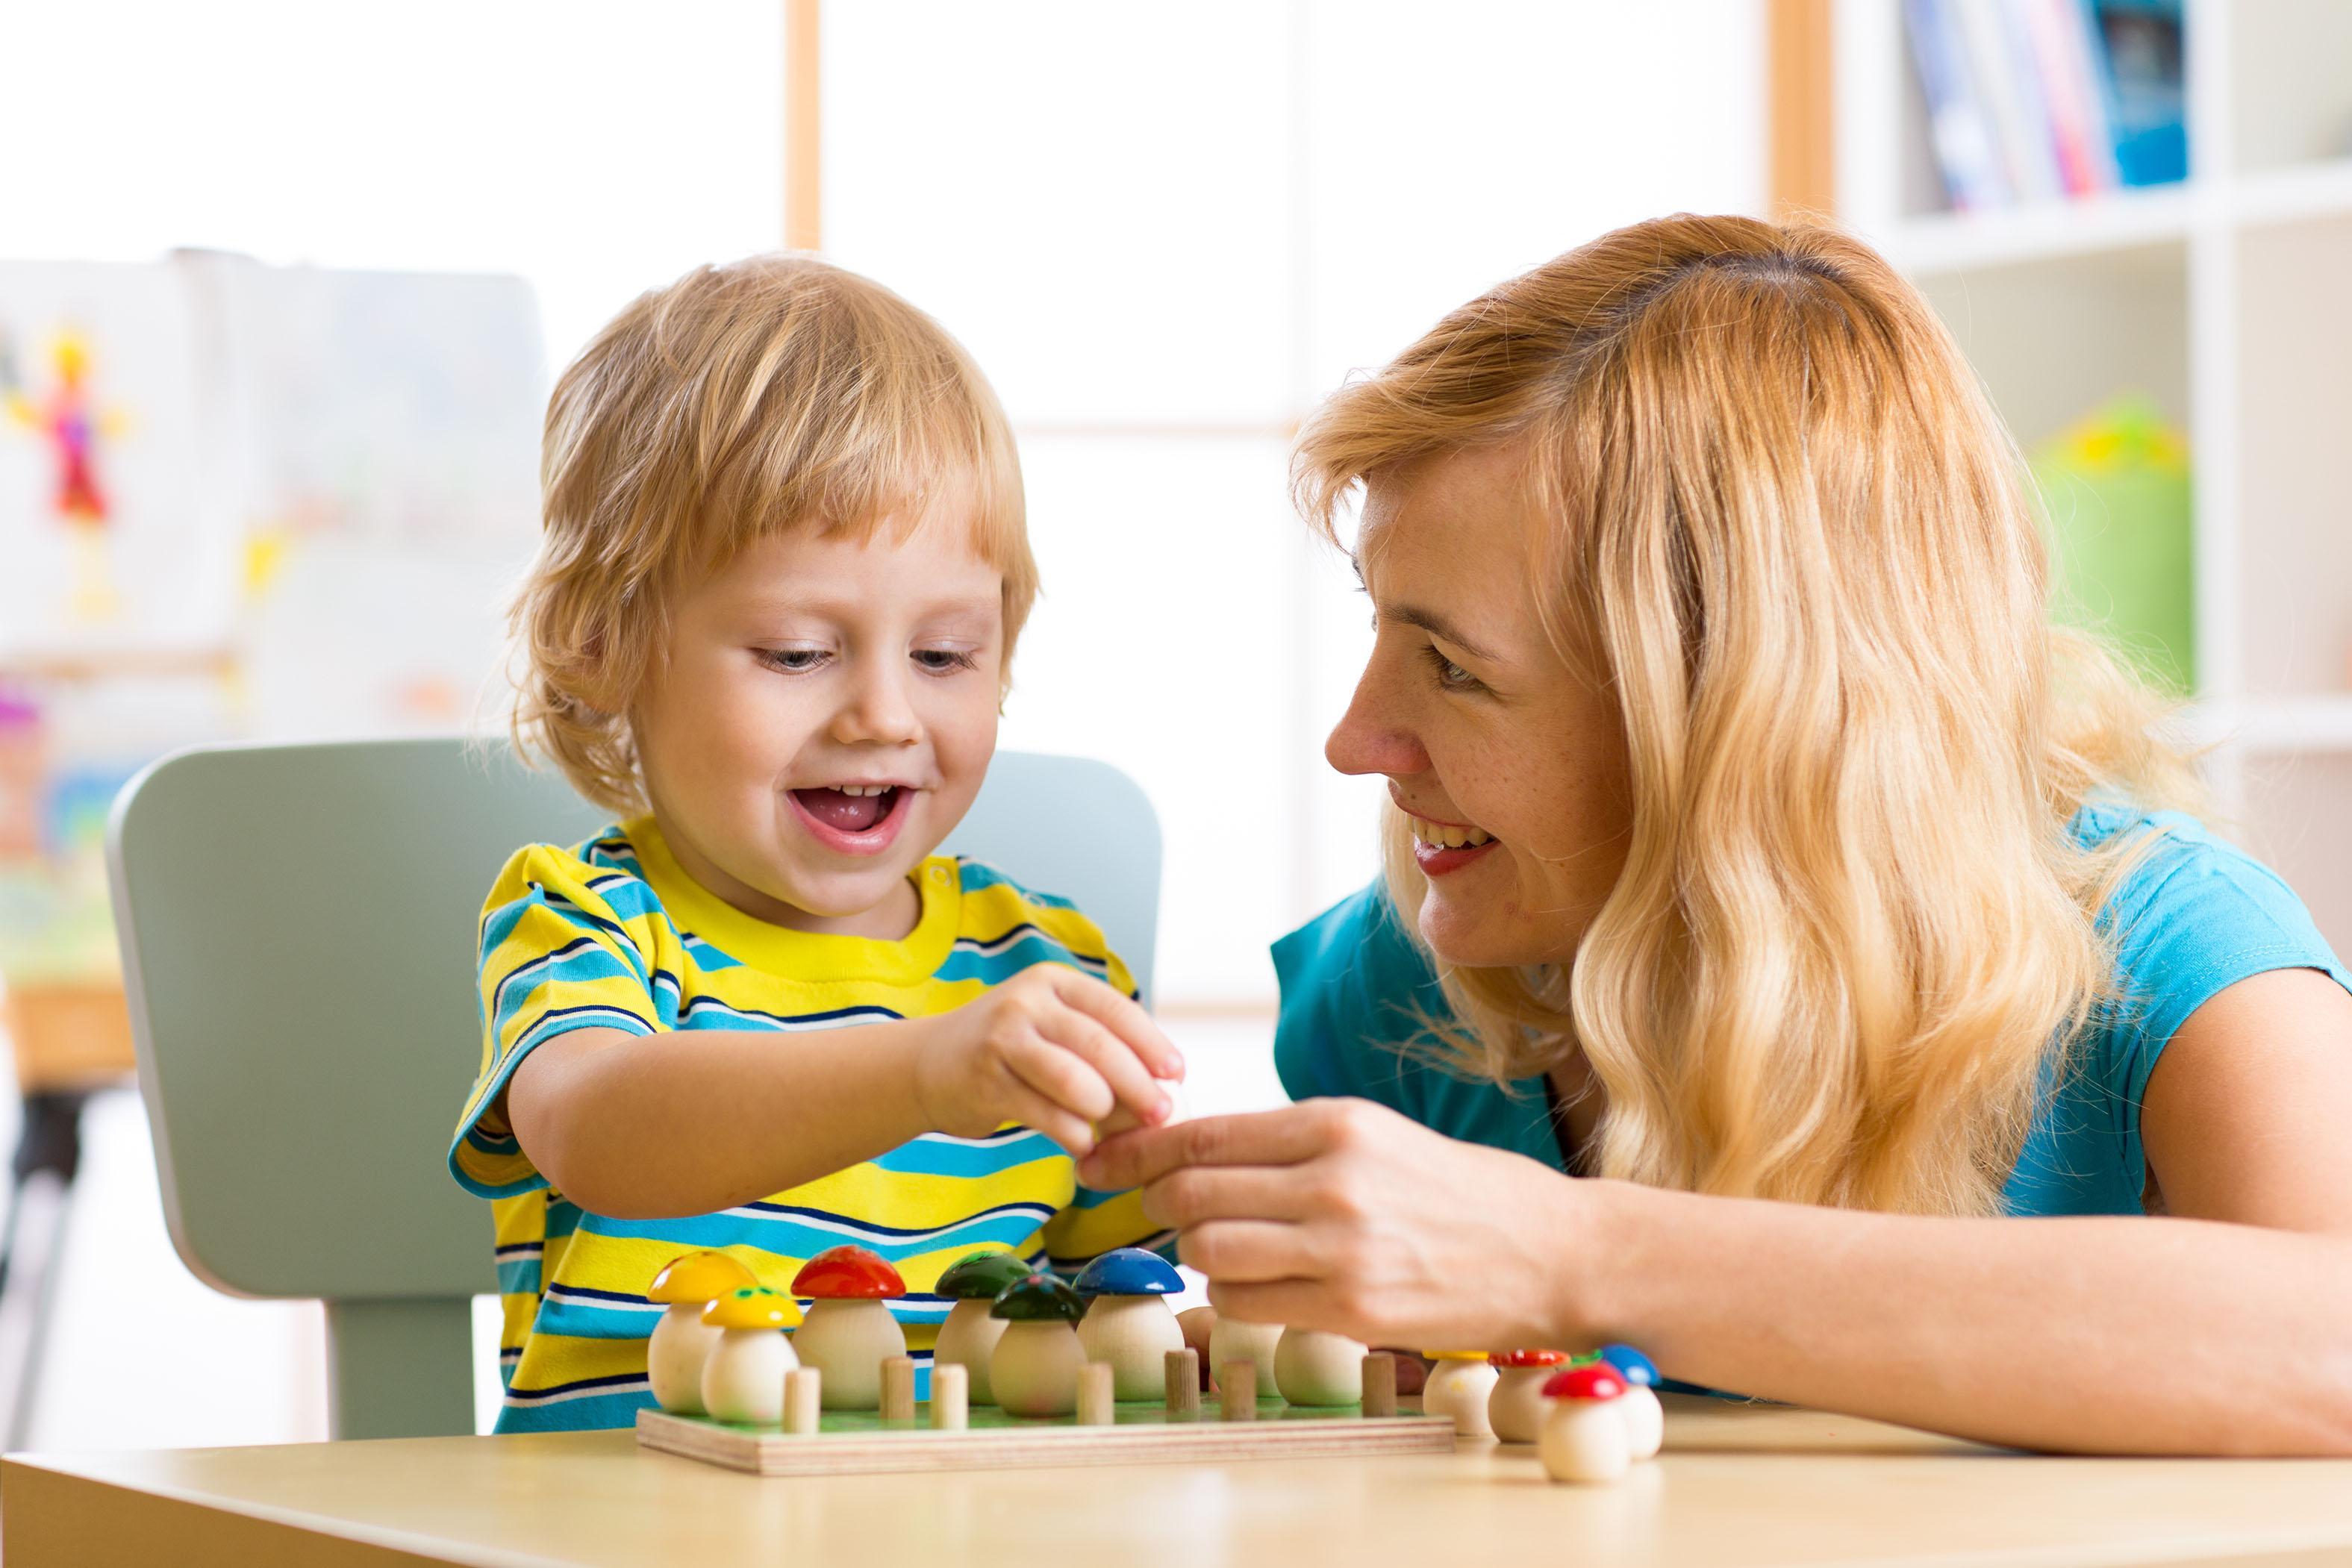 Comment s'assurer que le premier baby-sitting se passe au mieux